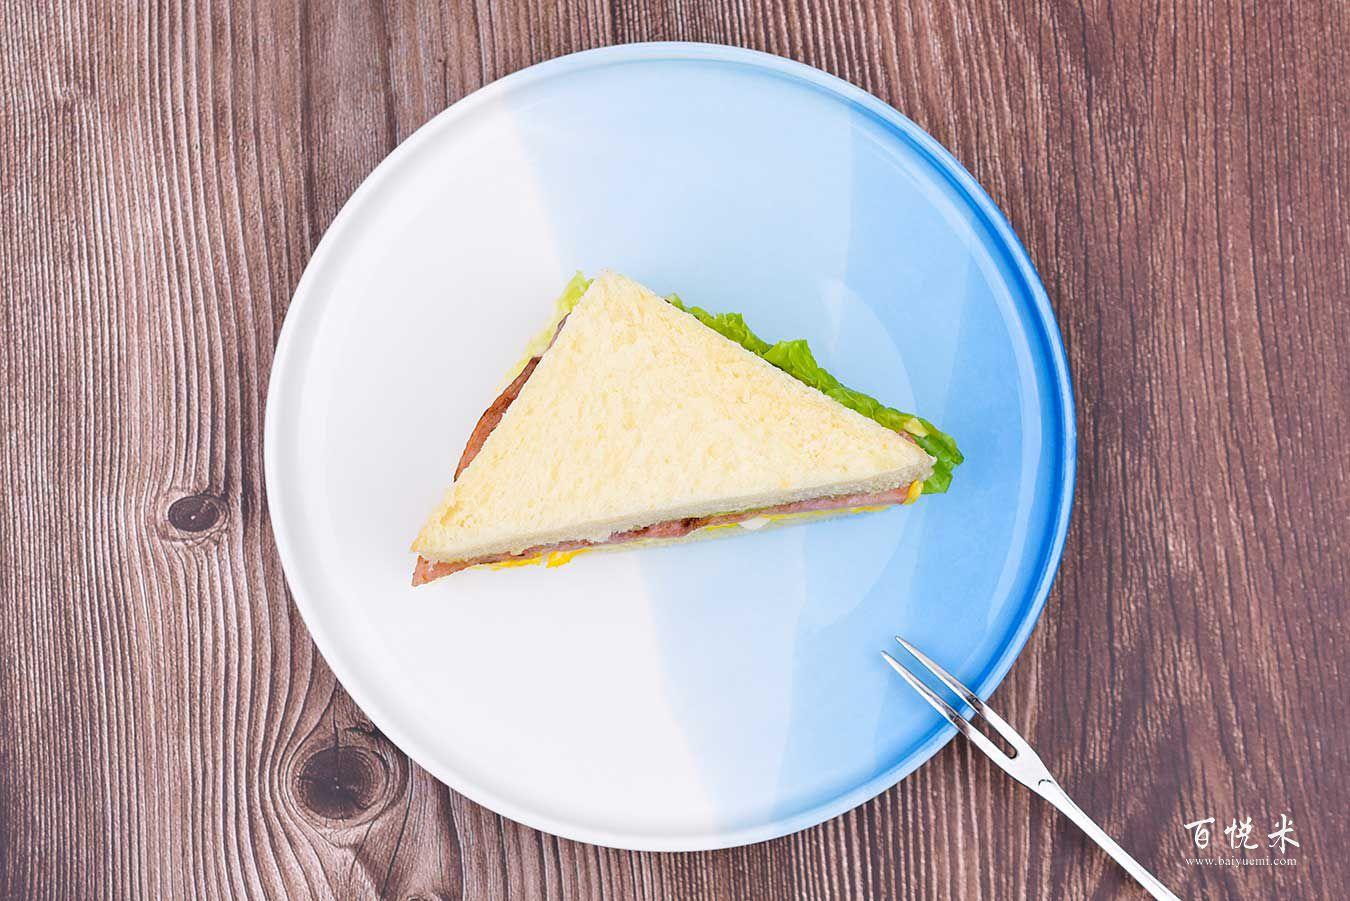 三明治高清图片大全【蛋糕图片】_626